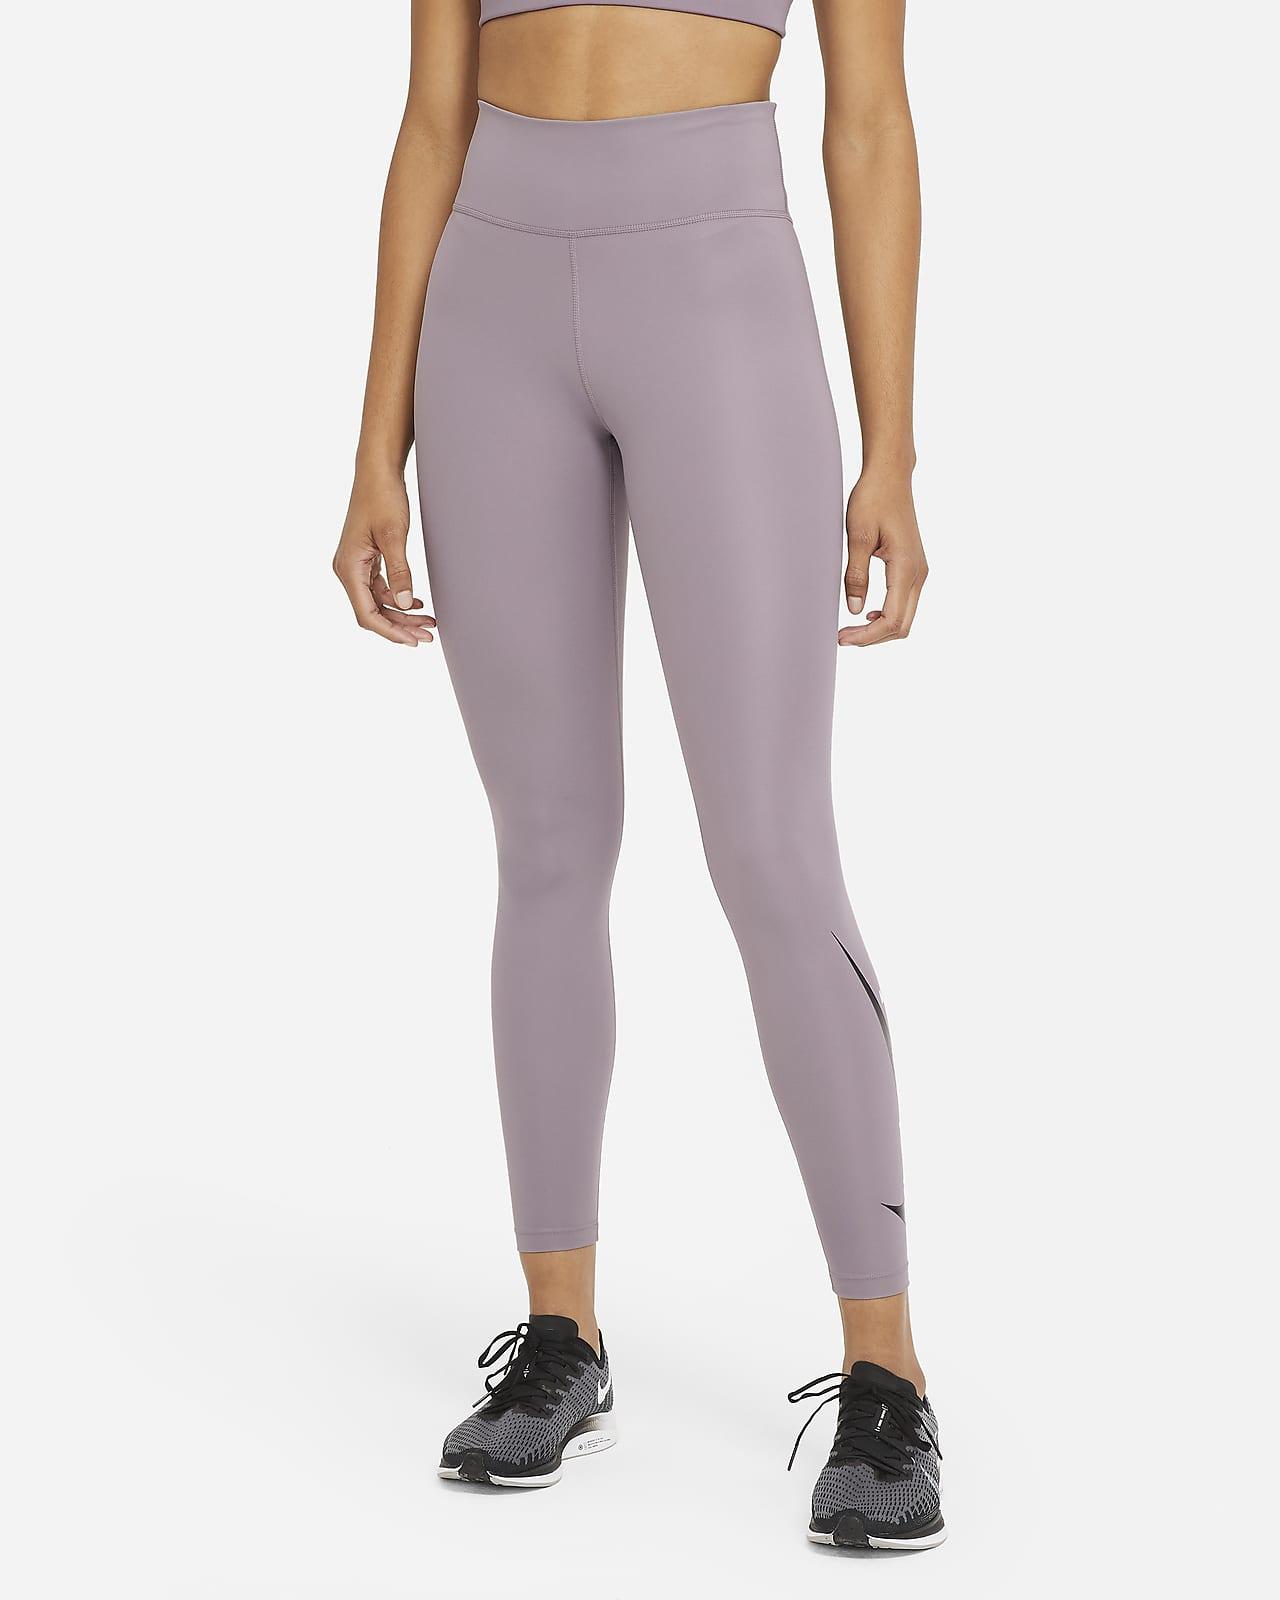 เลกกิ้งวิ่งเอวปานกลาง 7/8 ส่วนผู้หญิง Nike Swoosh Run